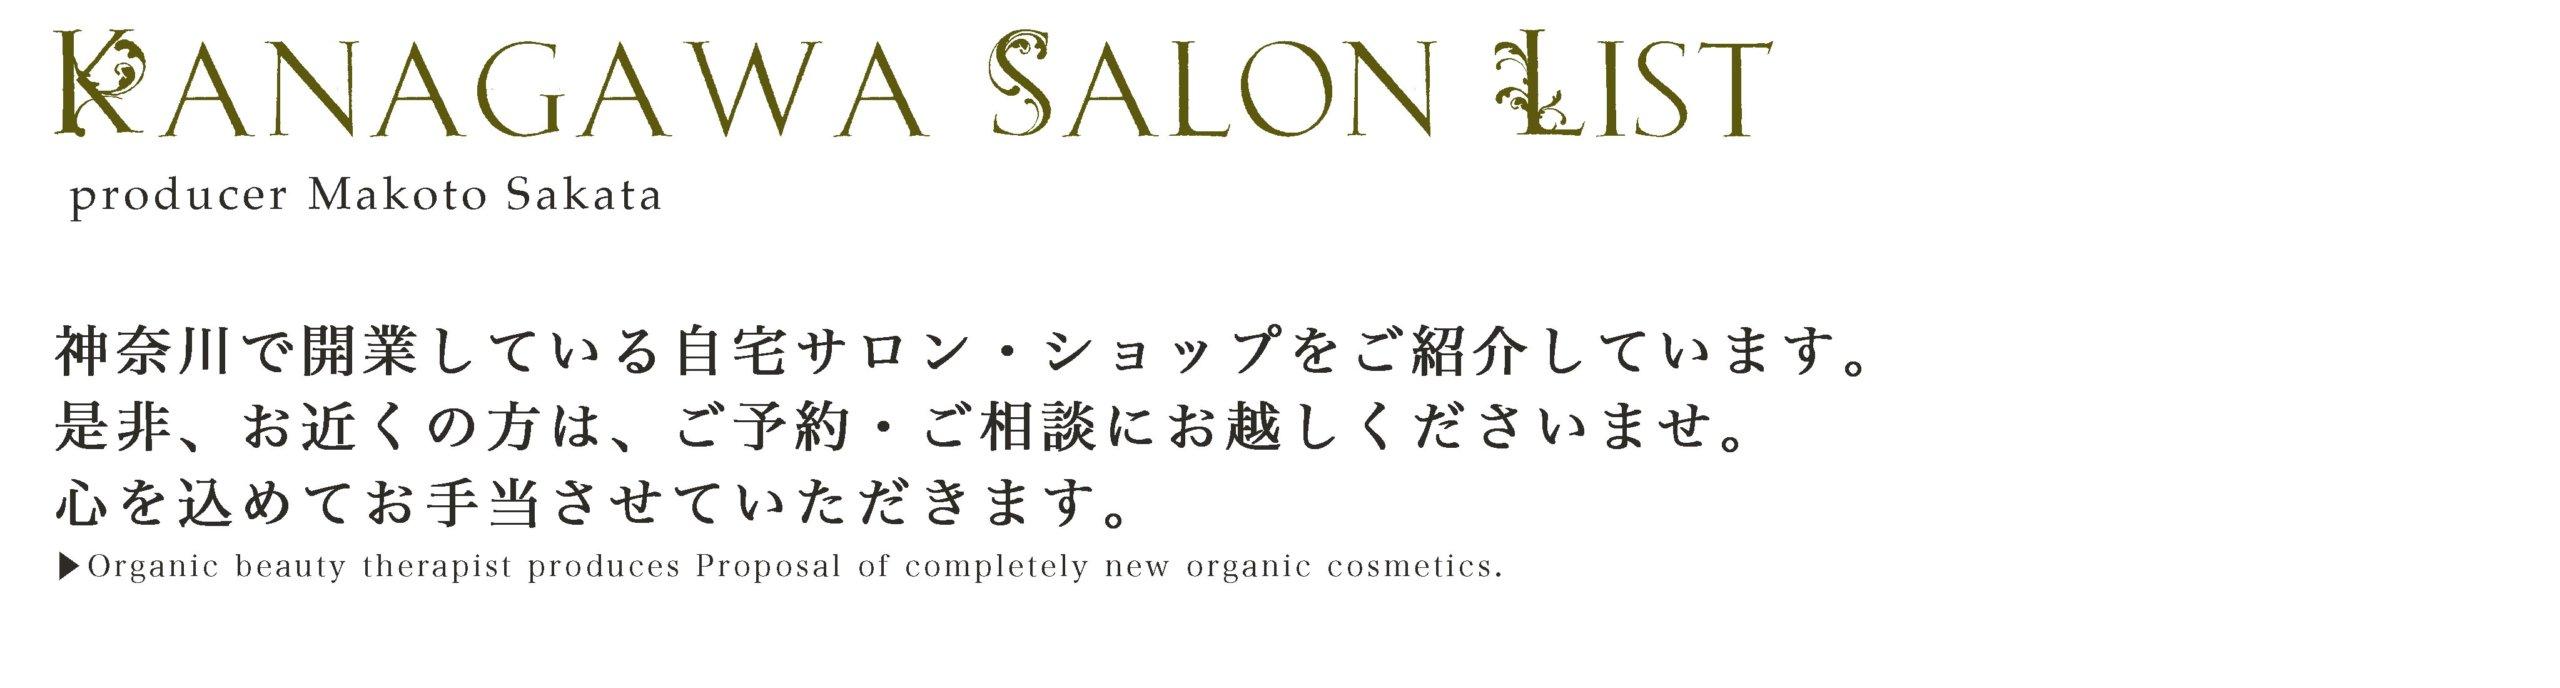 Kanagawa Salon List